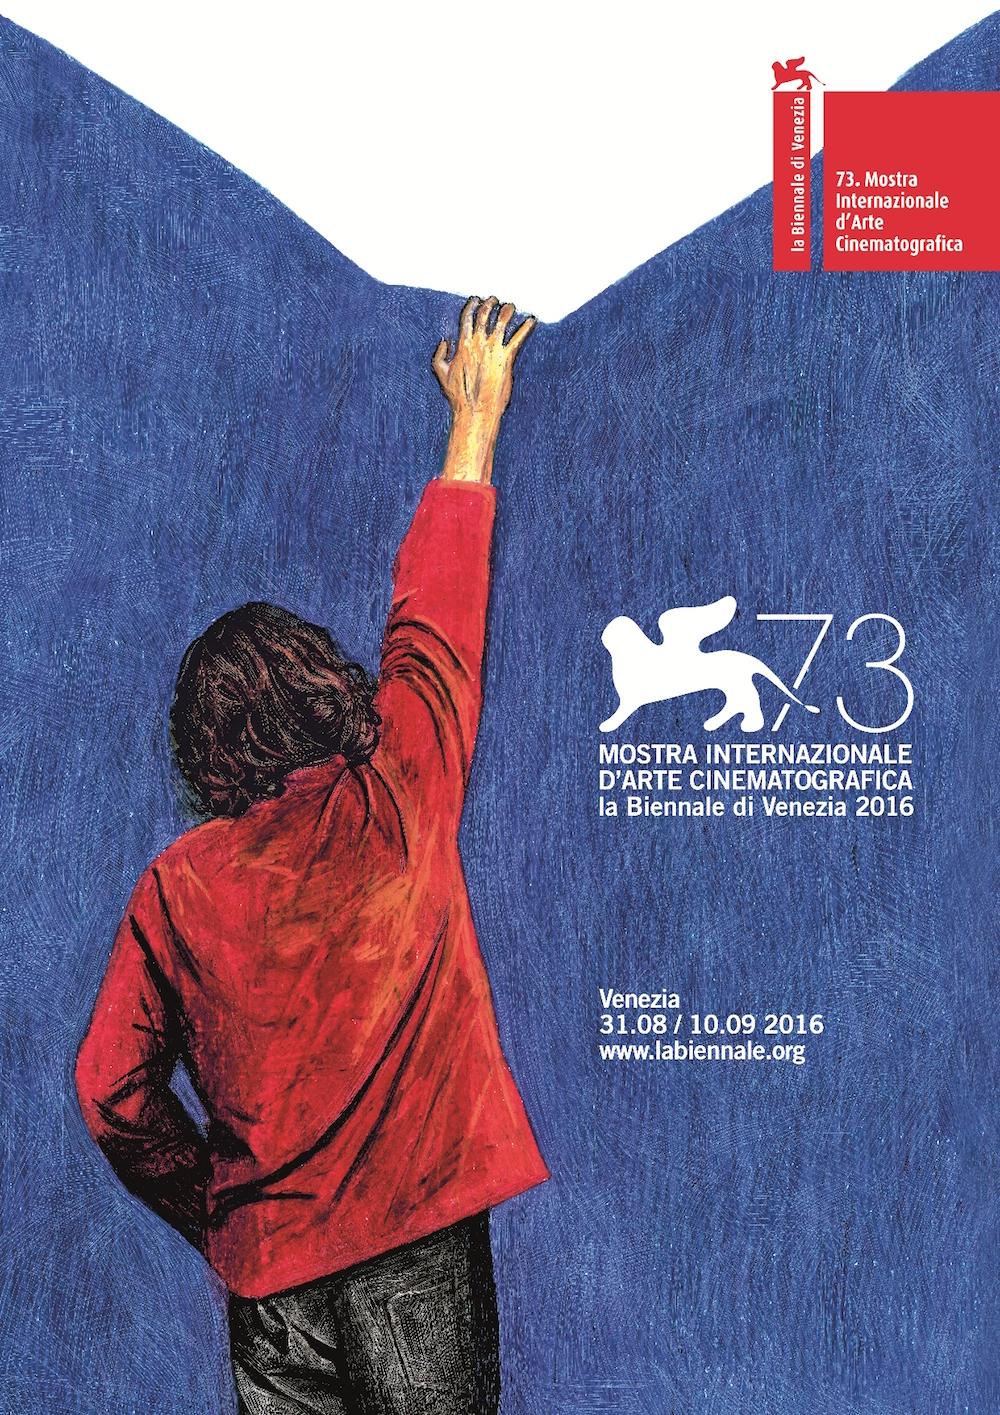 venezia 73 poster intero